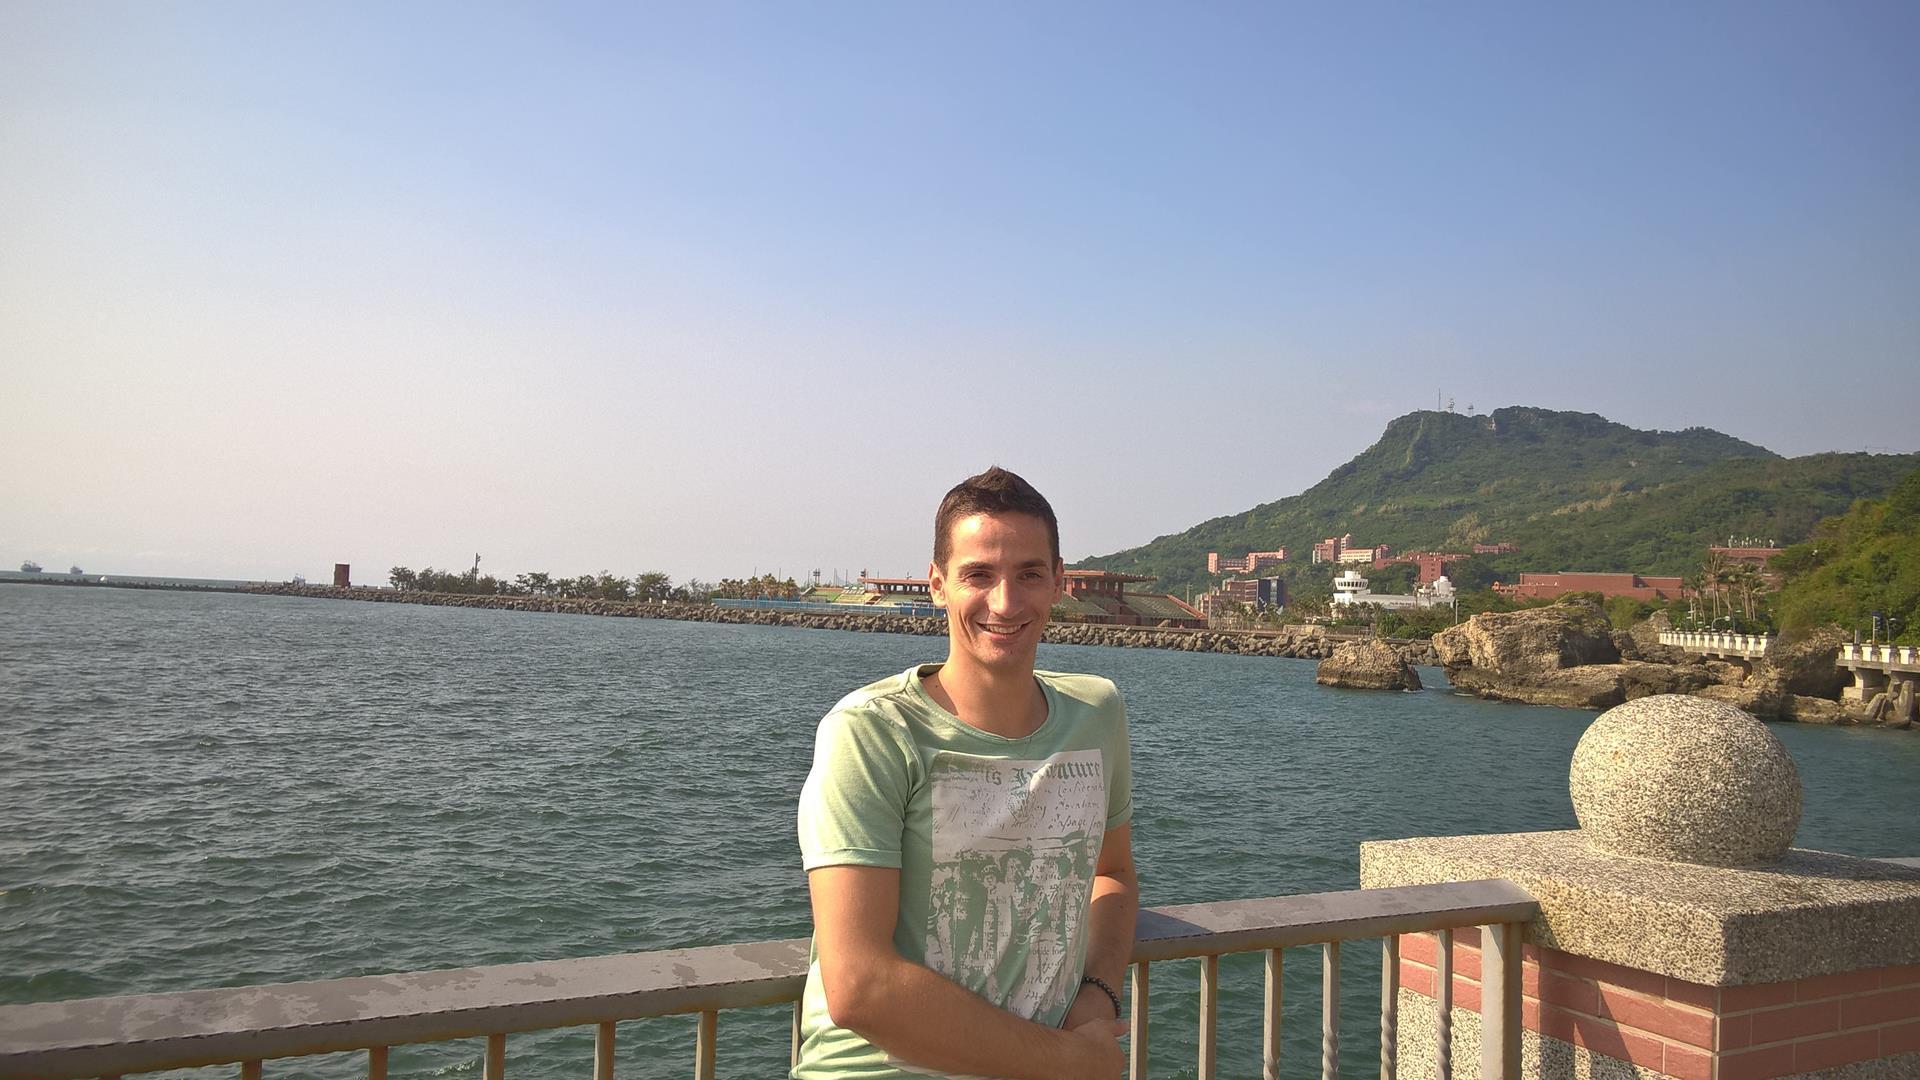 Kaohsiung am Wasser: Es war heiß und schön